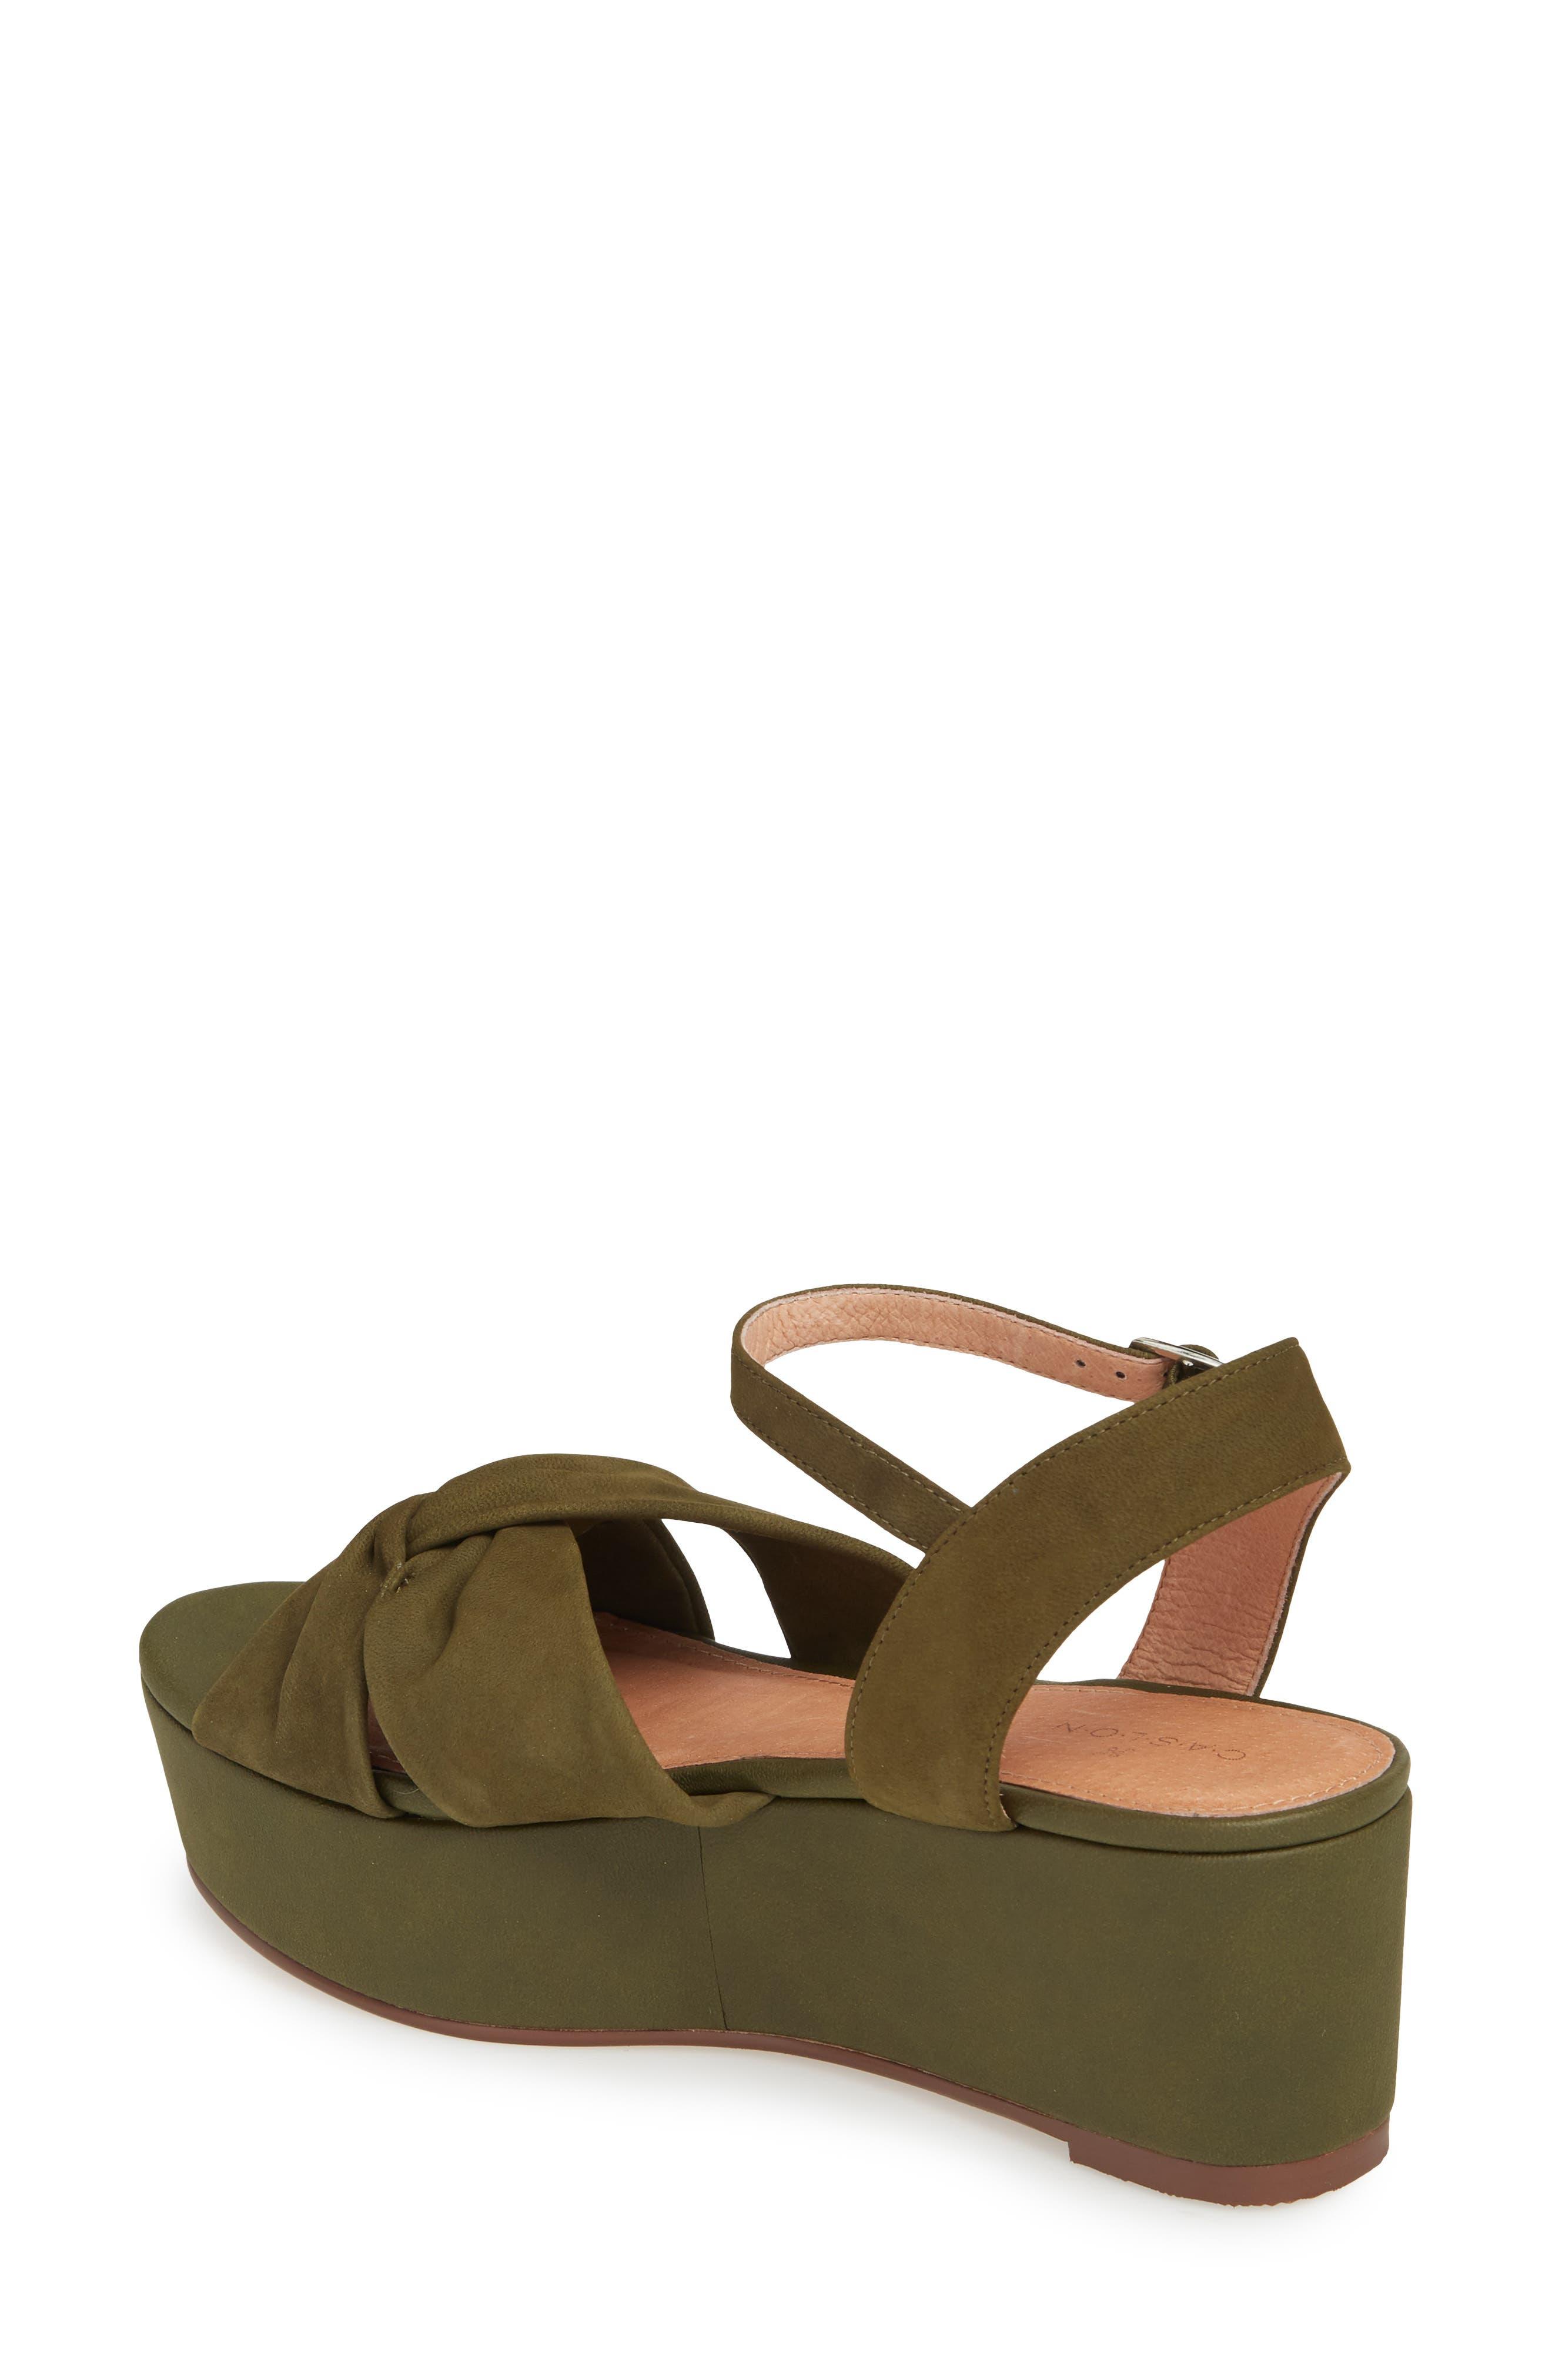 Ryder Platform Sandal,                             Alternate thumbnail 2, color,                             Olive Nubuck